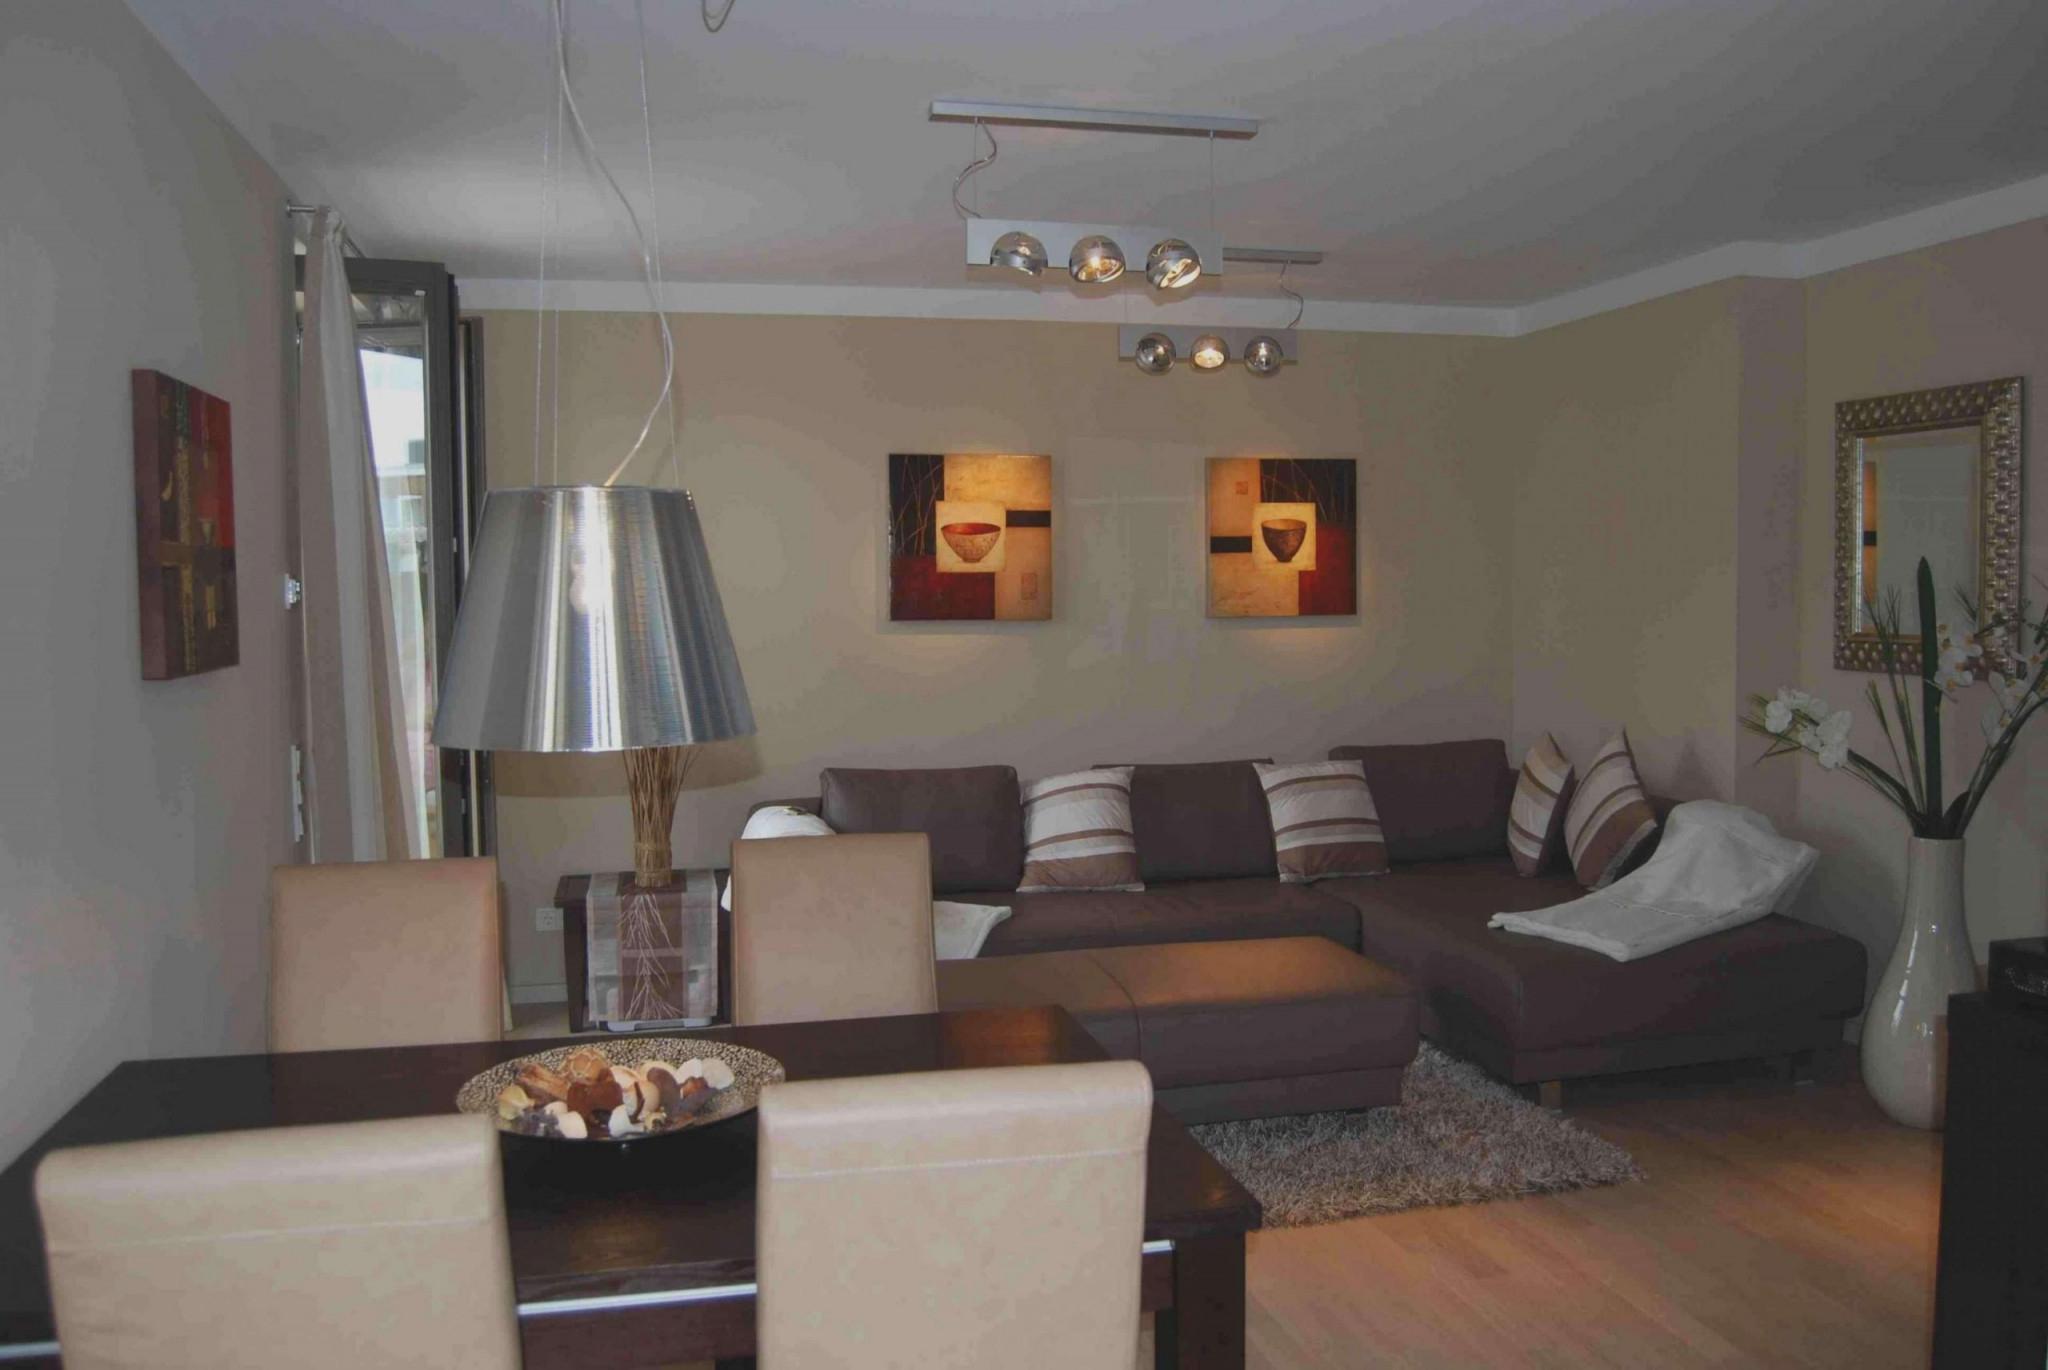 30 Luxus Kleines Wohnzimmer Mit Essbereich Einrichten von Wohnzimmer Mit Essbereich Einrichten Photo